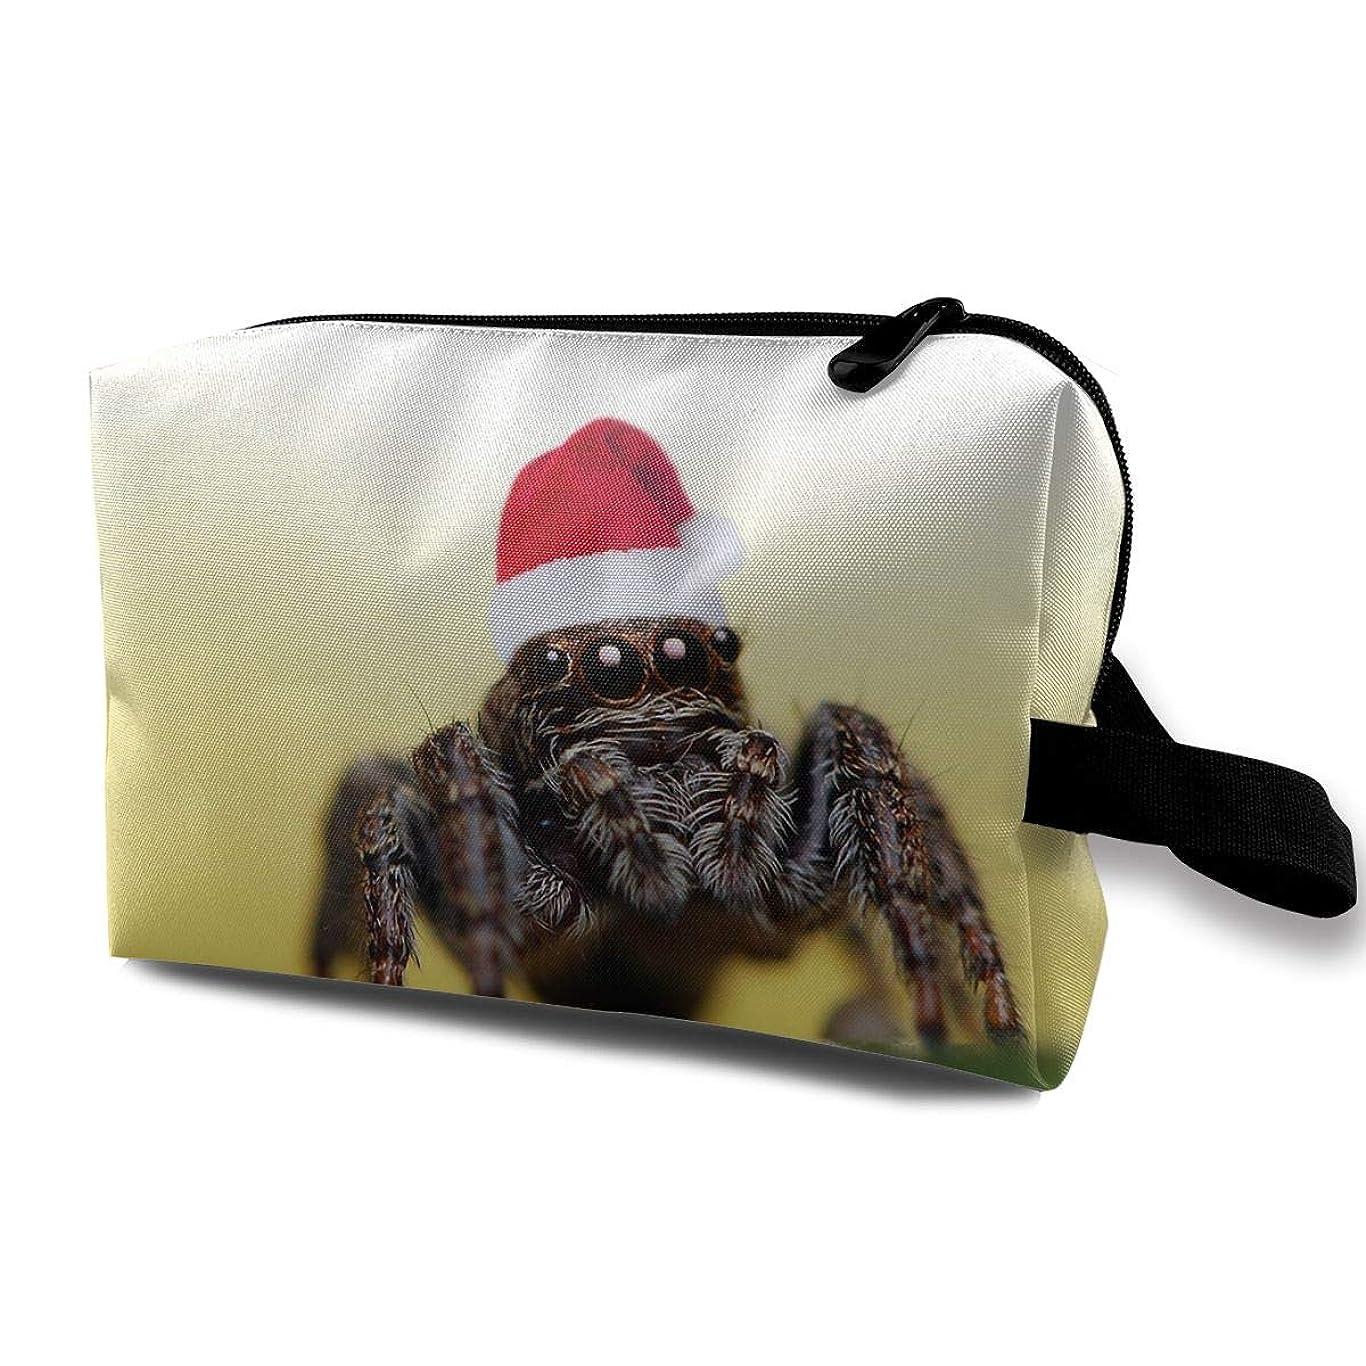 フォルダ実験的口レディース 化粧ポーチ 旅行収納ポーチ トイレタリーバッグ 蜘蛛プリント コスメ メイクポーチ ハンドバッグ 大容量 化粧品 鍵 小物入れ 軽い